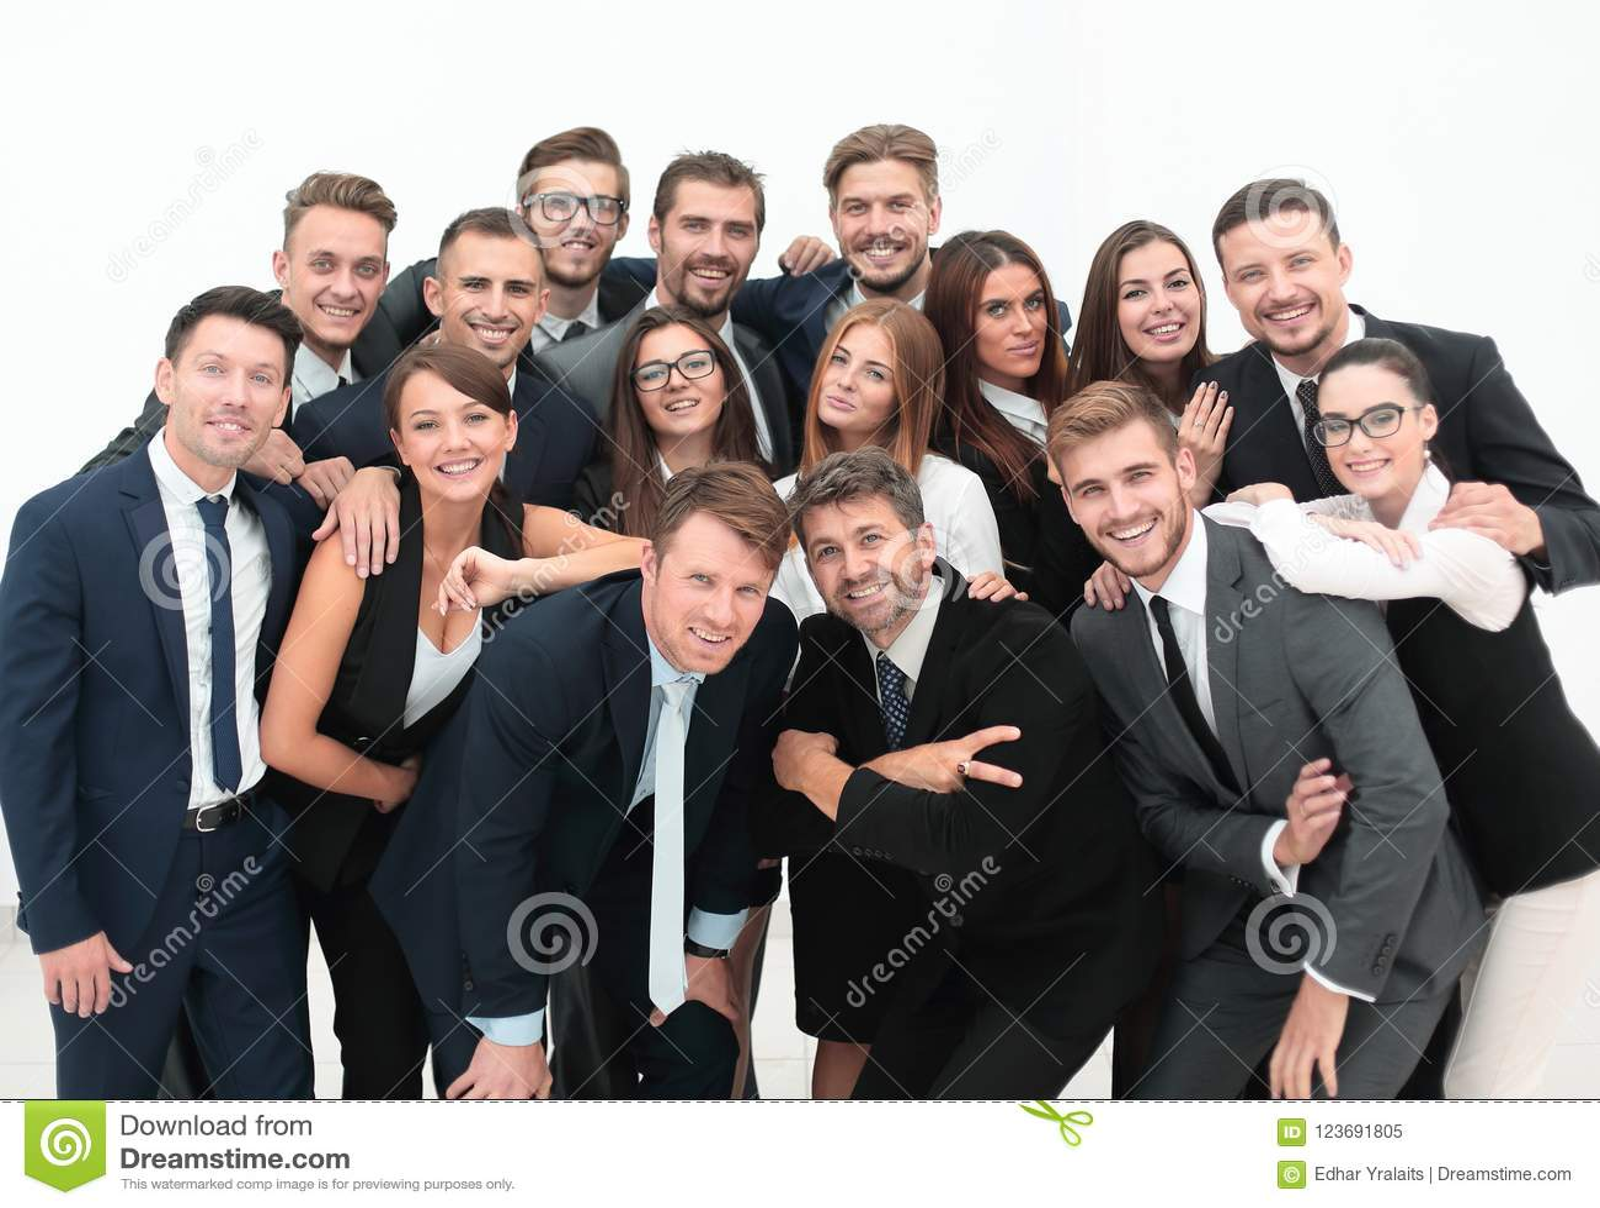 Portretberoeps een groot commercieel team